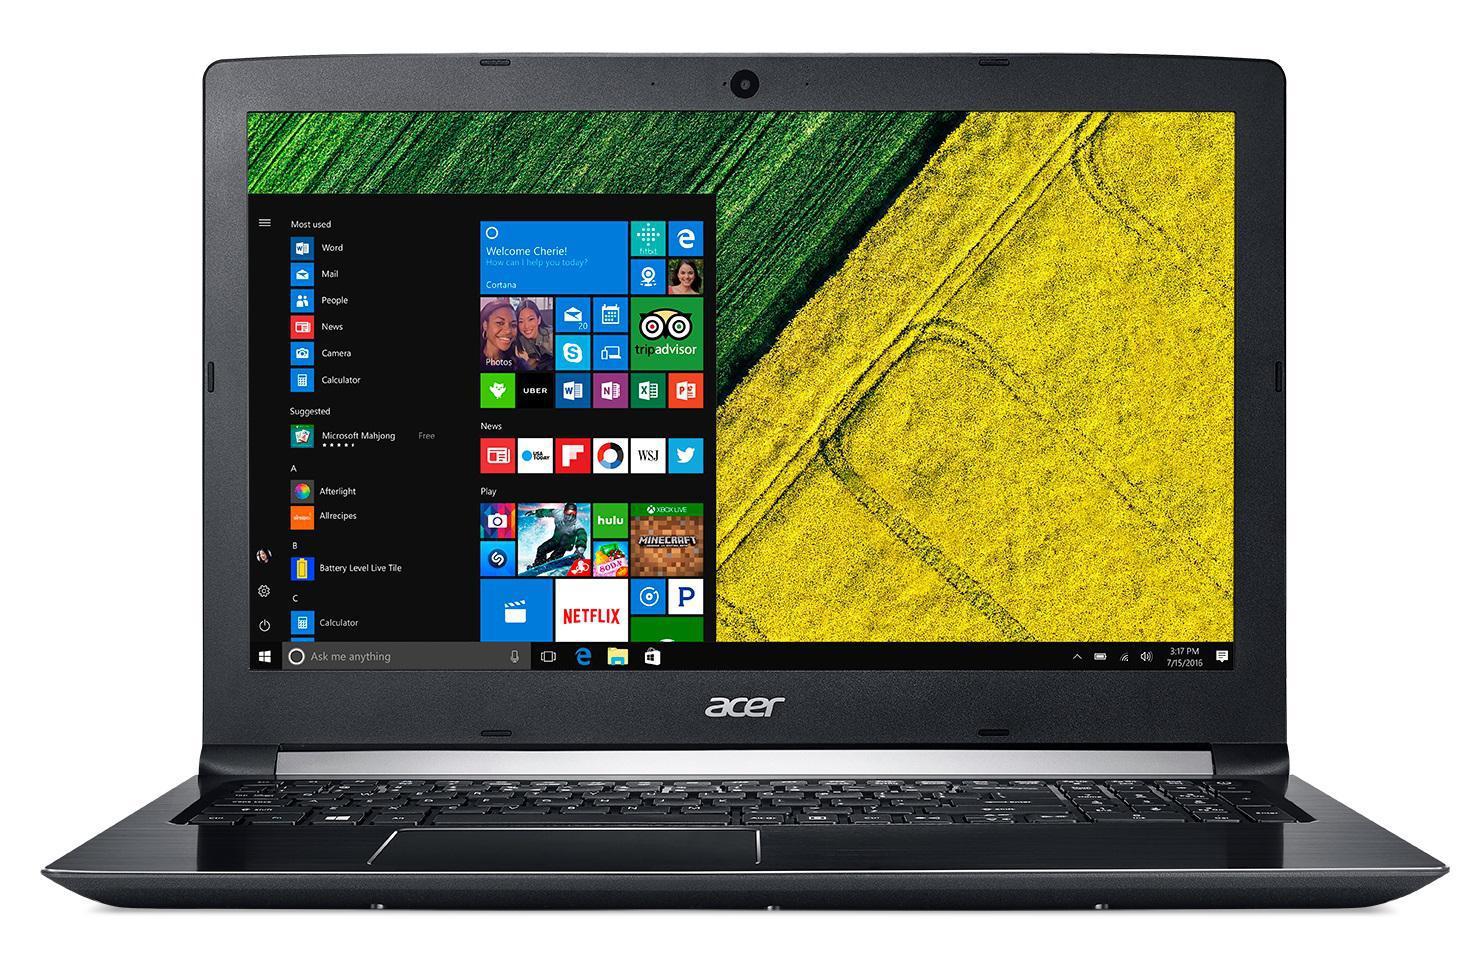 acer Rekomendowane modele laptopów Acer dla pasjonata fotografii